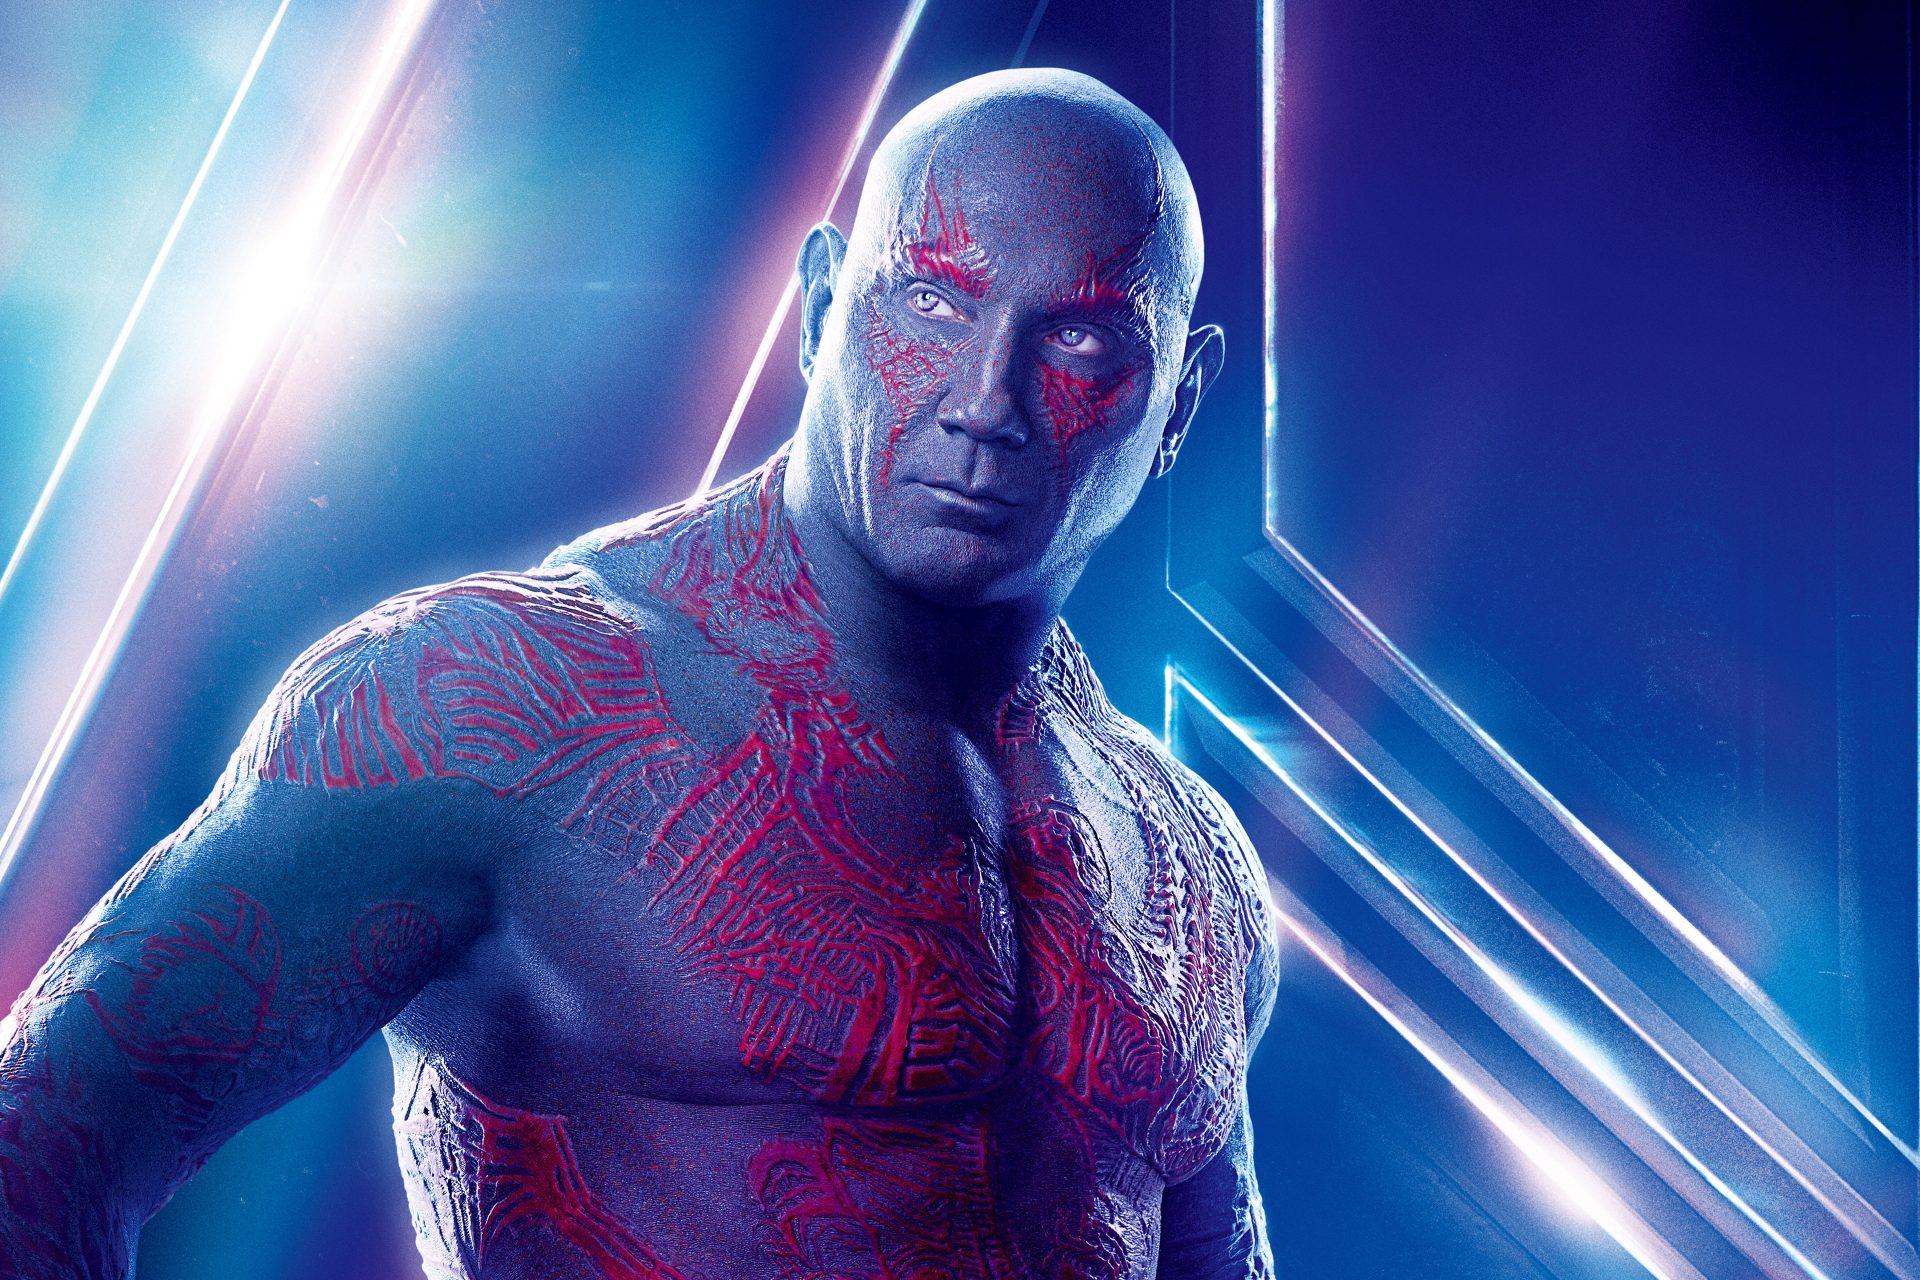 Avengers Infinity War 2018 Thanos 4k Uhd 3 2 3840x2560: Avengers: Infinity War (2018) Drax 8K UHD Wallpaper HD